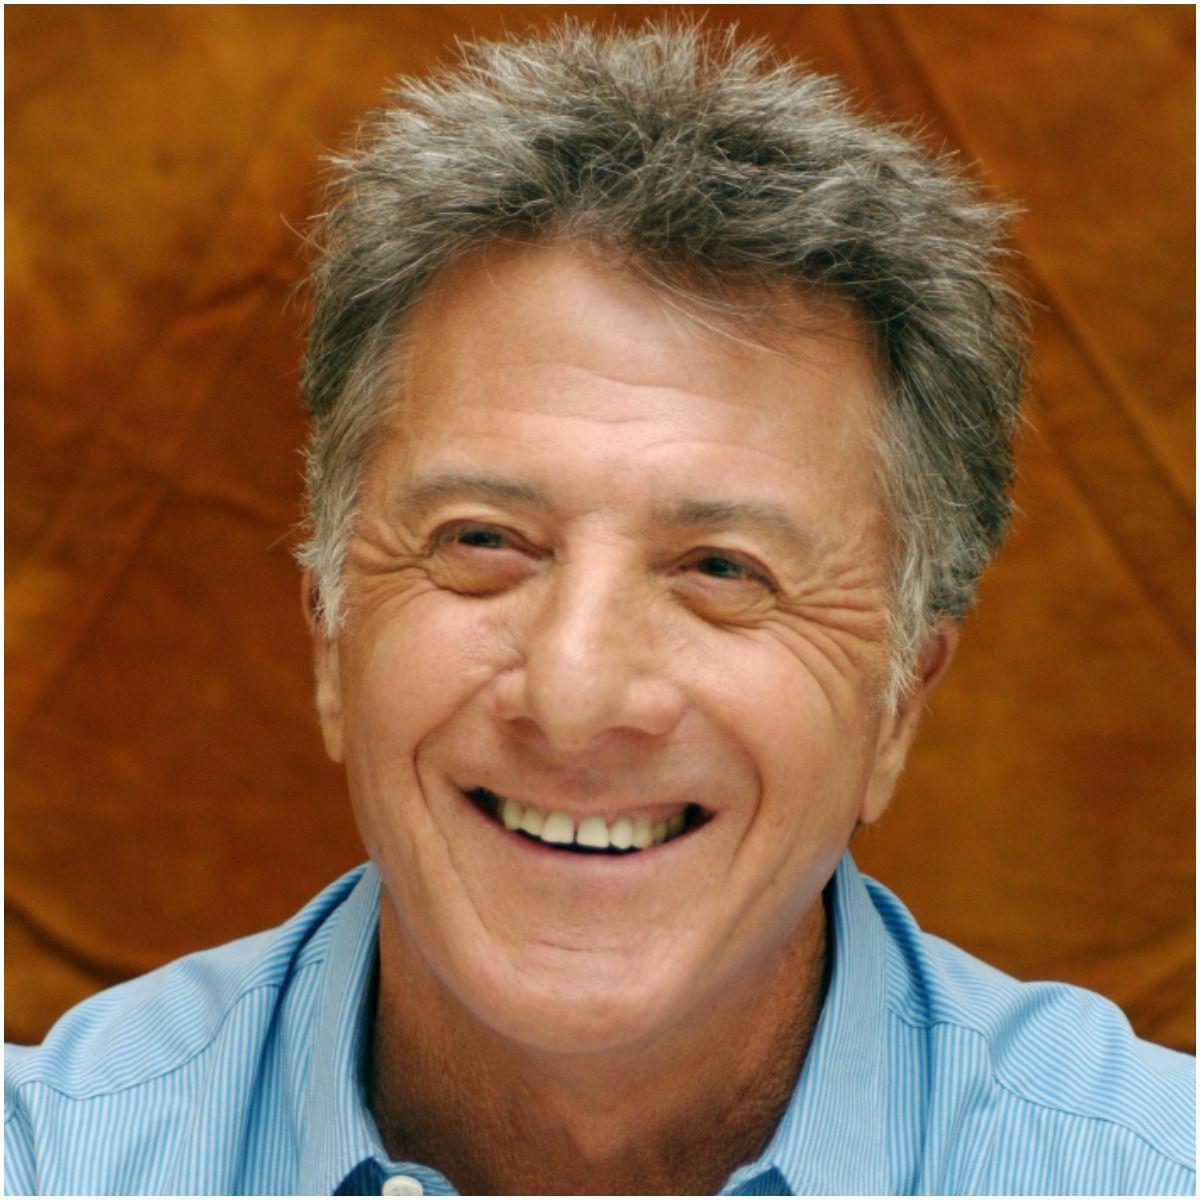 actor Dustin Hoffman